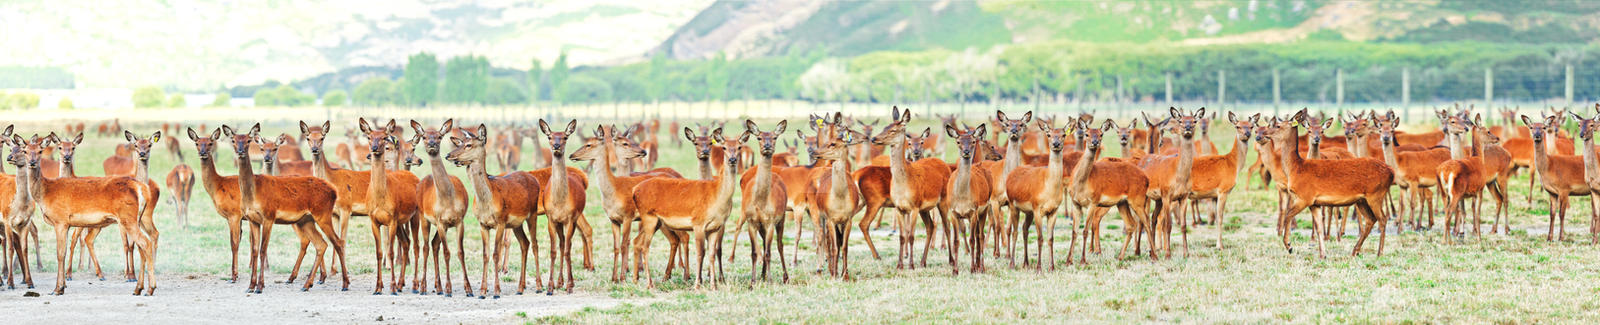 Deers by MotHaiBaPhoto